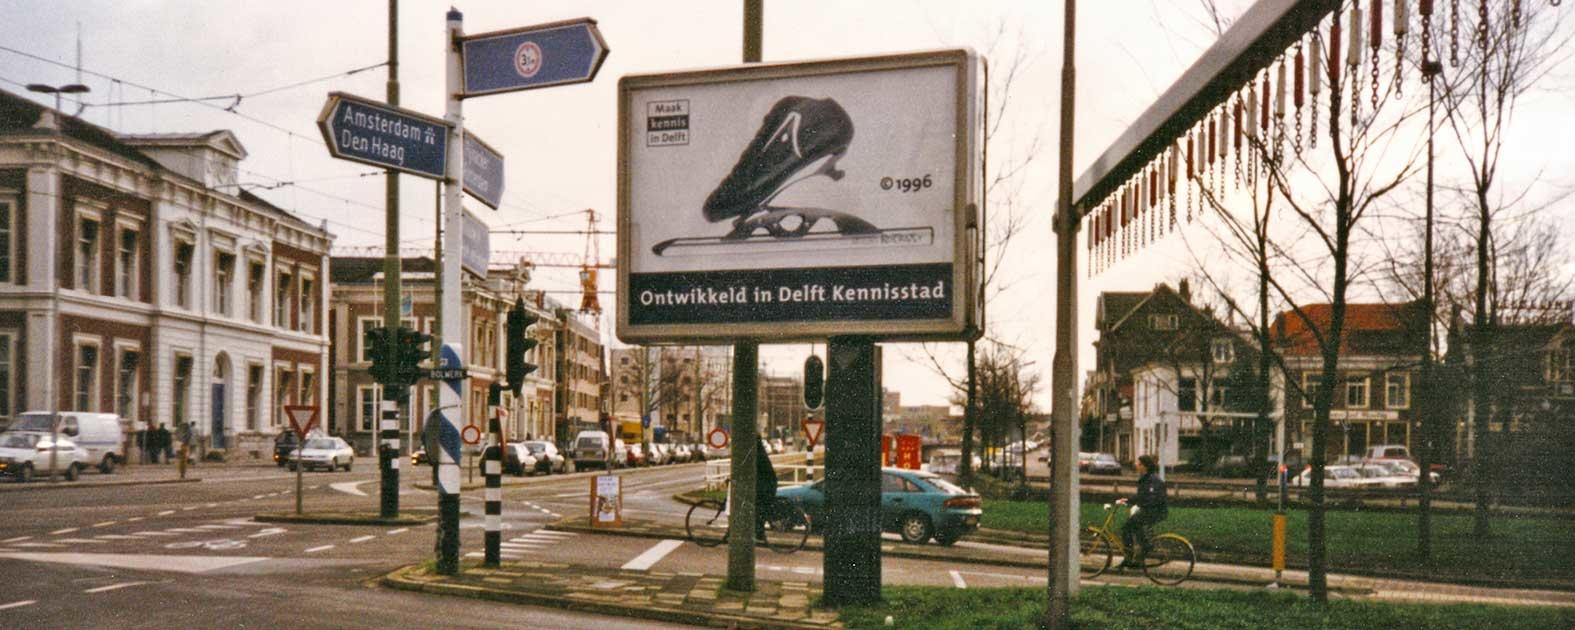 TU Delft 1995: Klapschaats